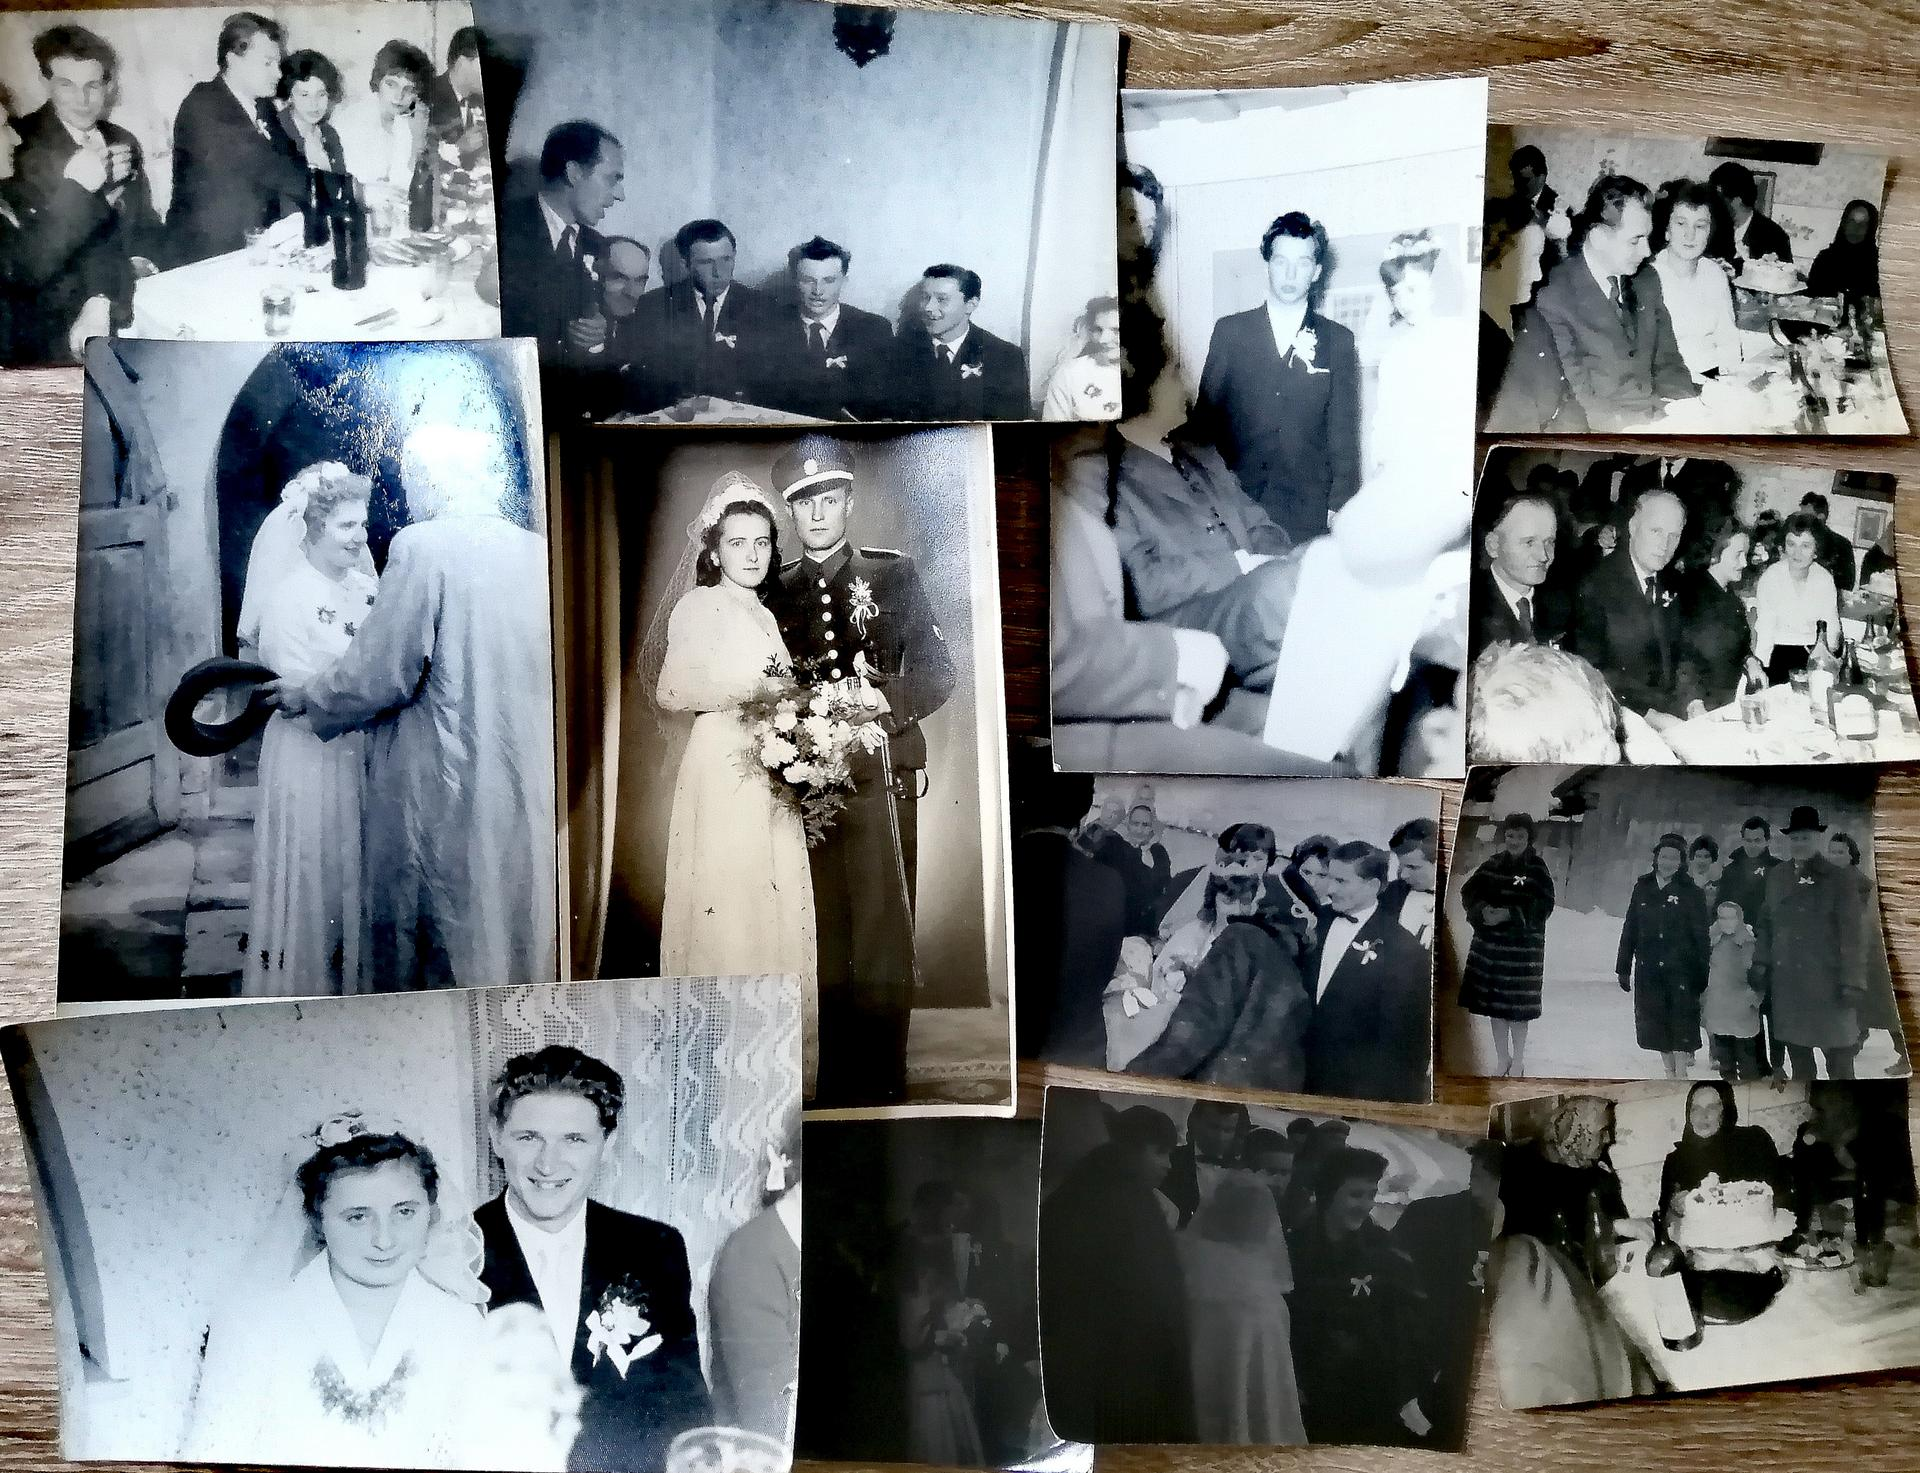 Milujem staré rodinné fotky zo svadieb ❤️❤️❤️ - Obrázok č. 3